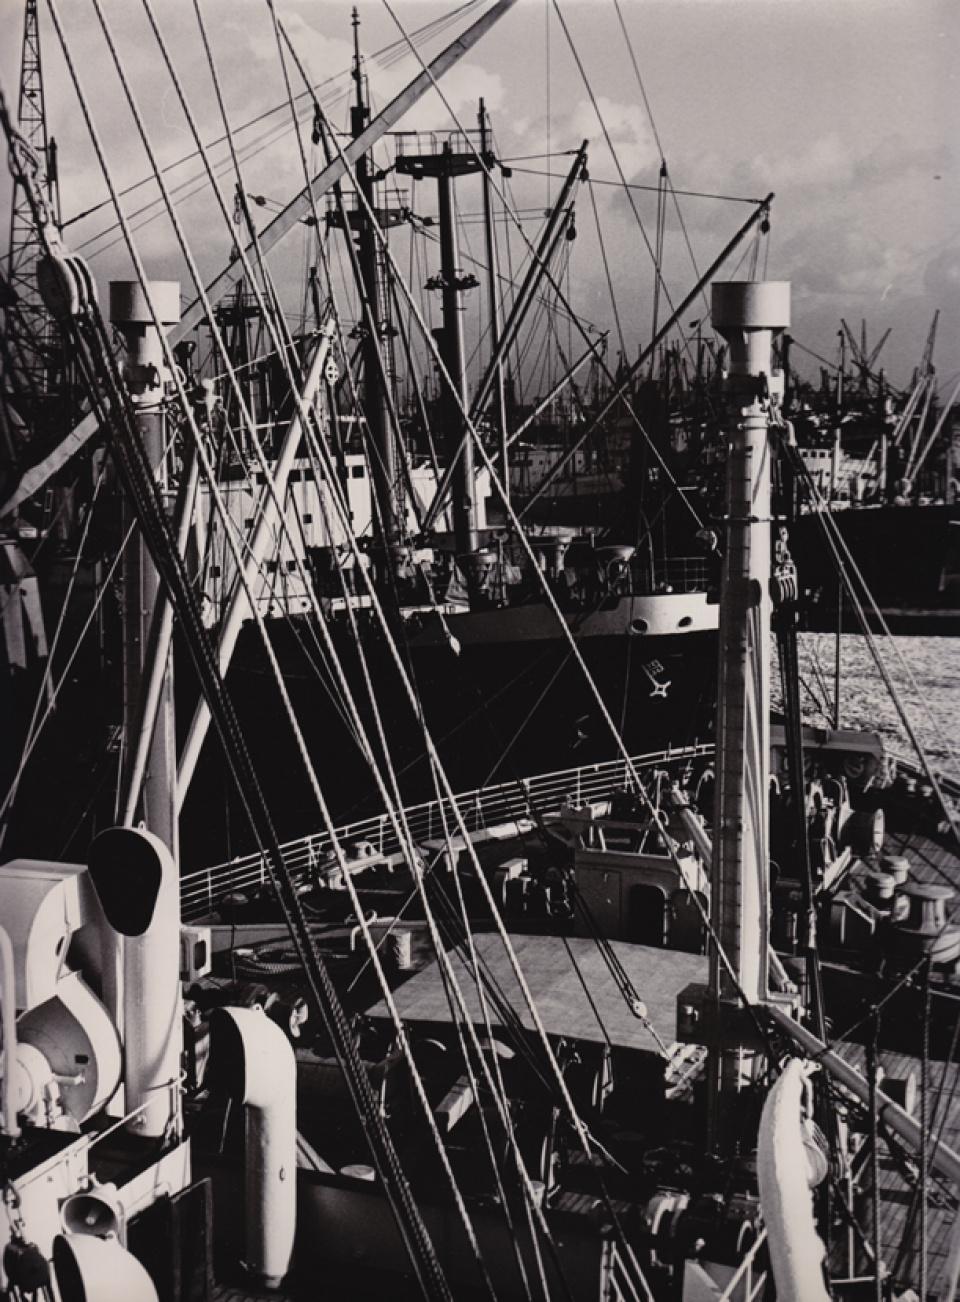 Franz Hubmann. Mastenwald. Hafen Hamburg. 1955/56.